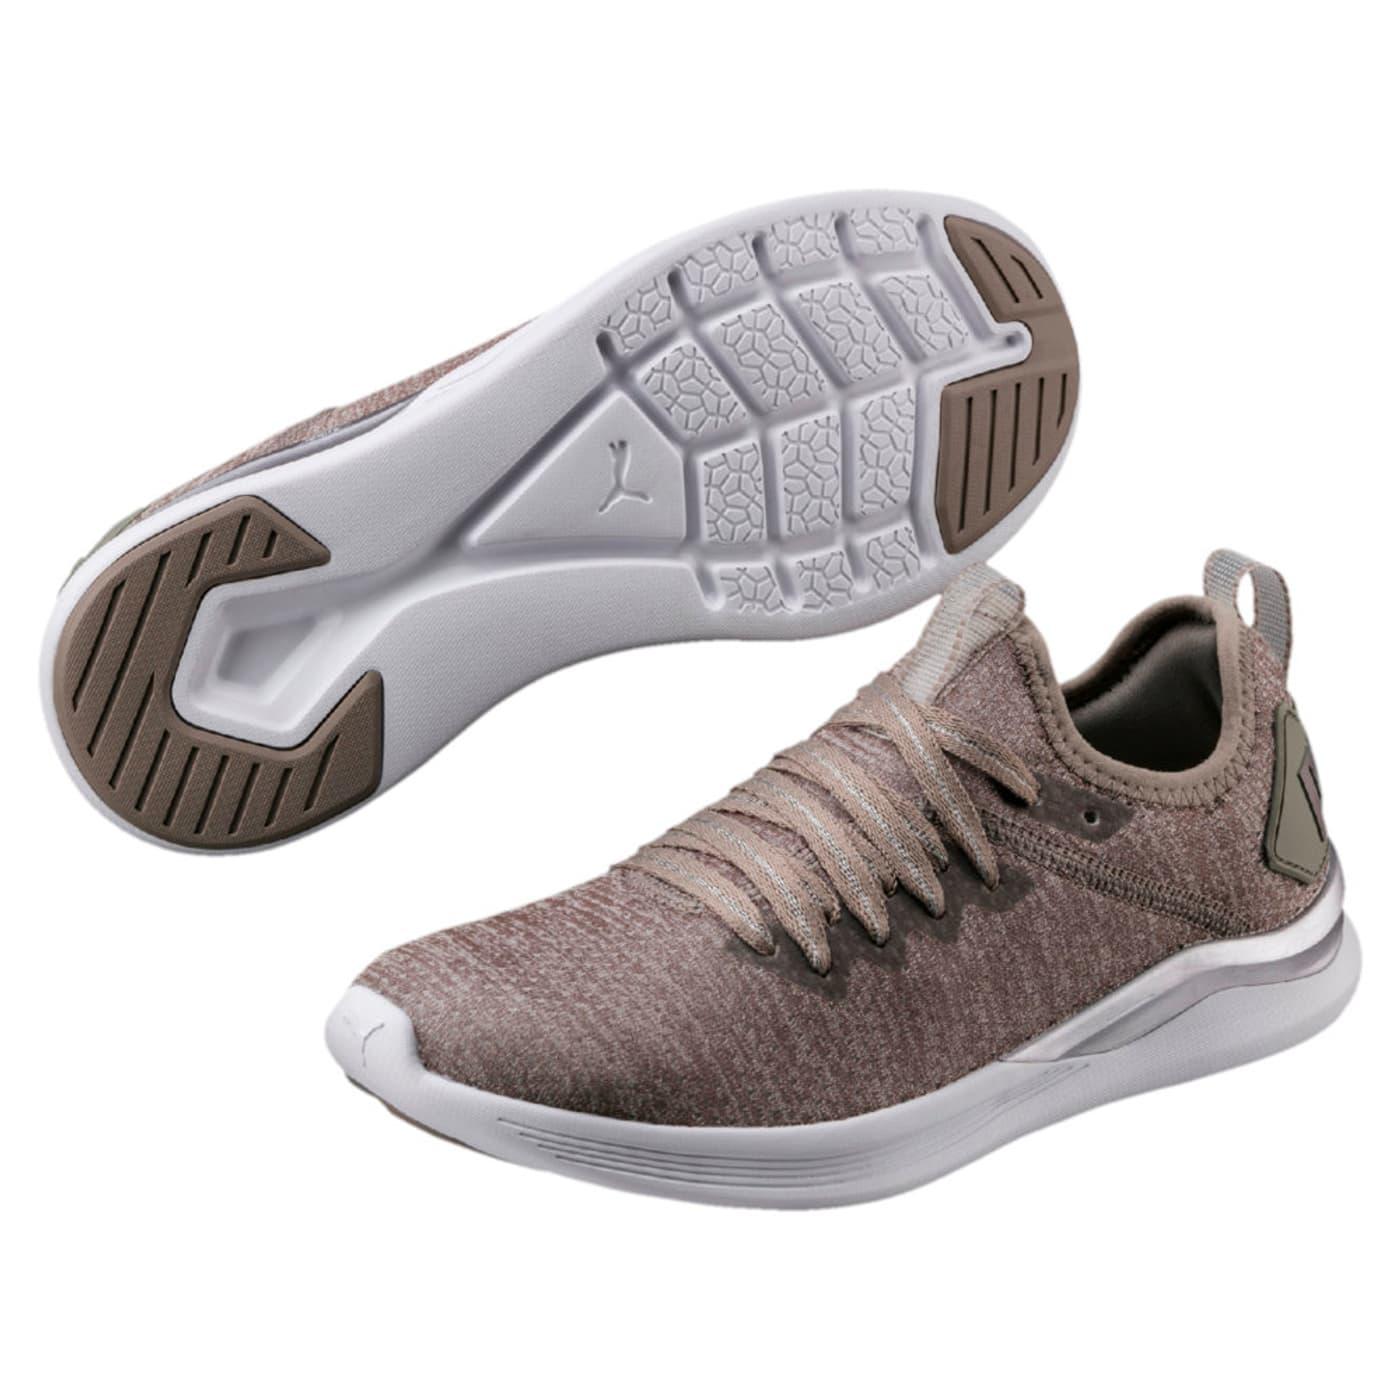 chaussure puma ignite femme